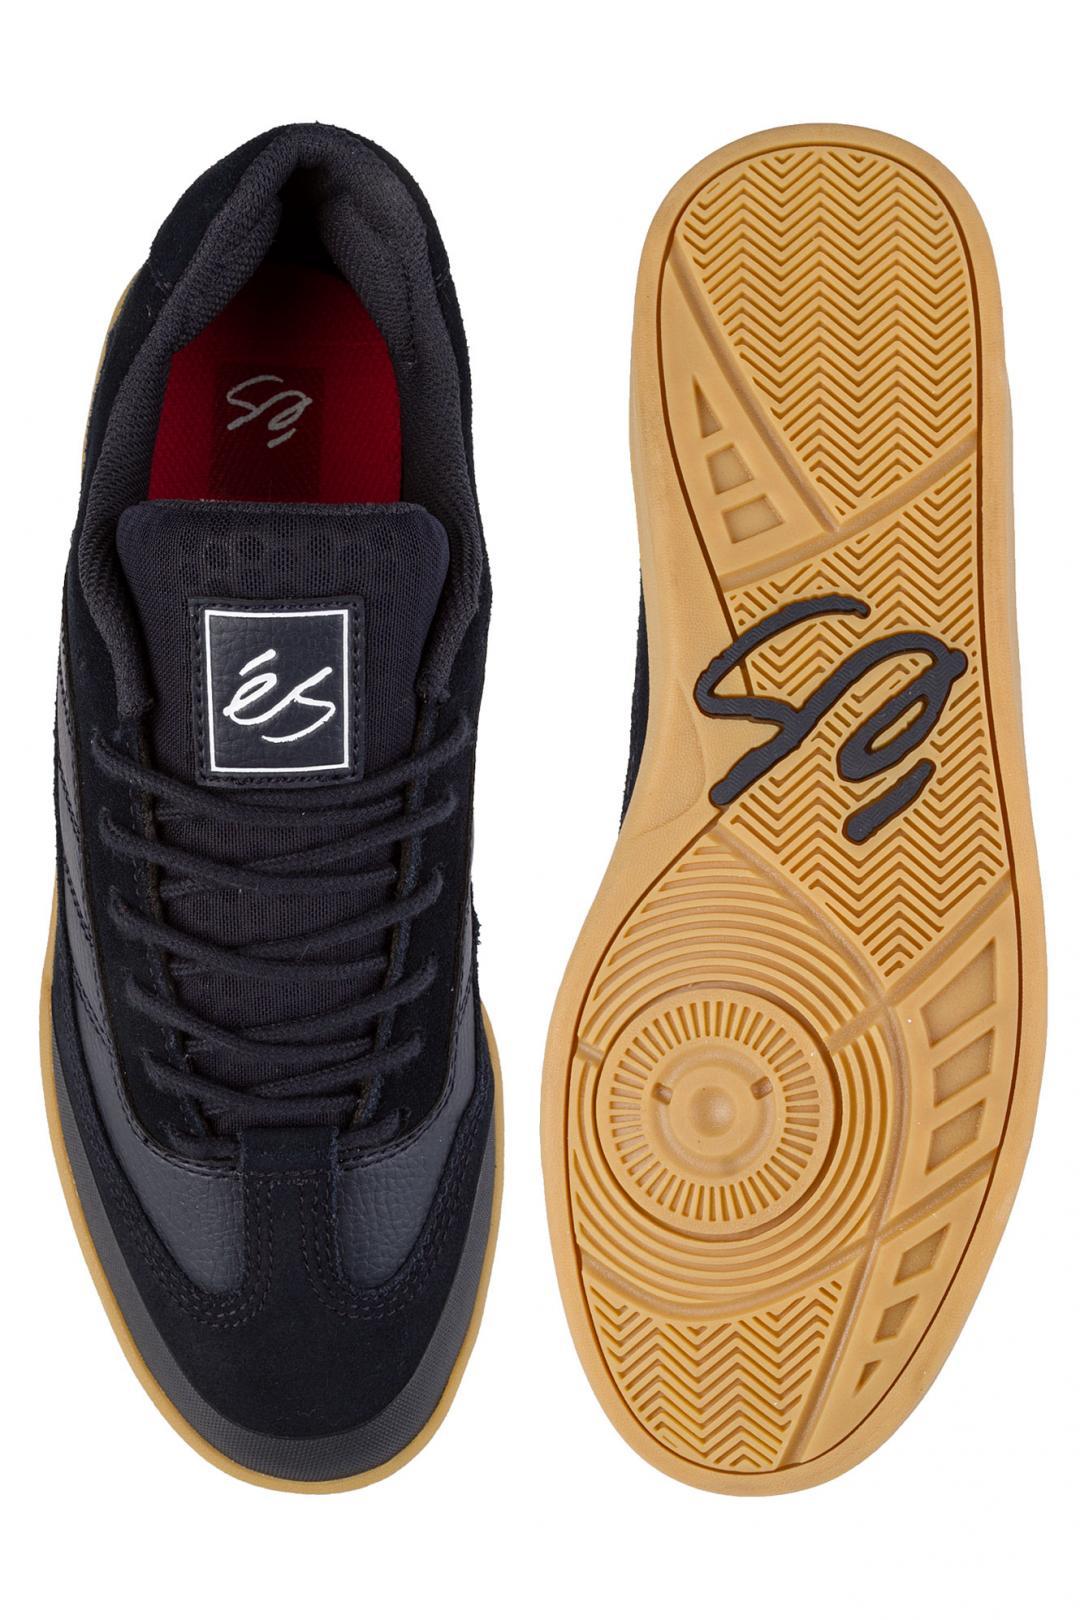 Uomo éS SLB '97 navy gum   Sneaker